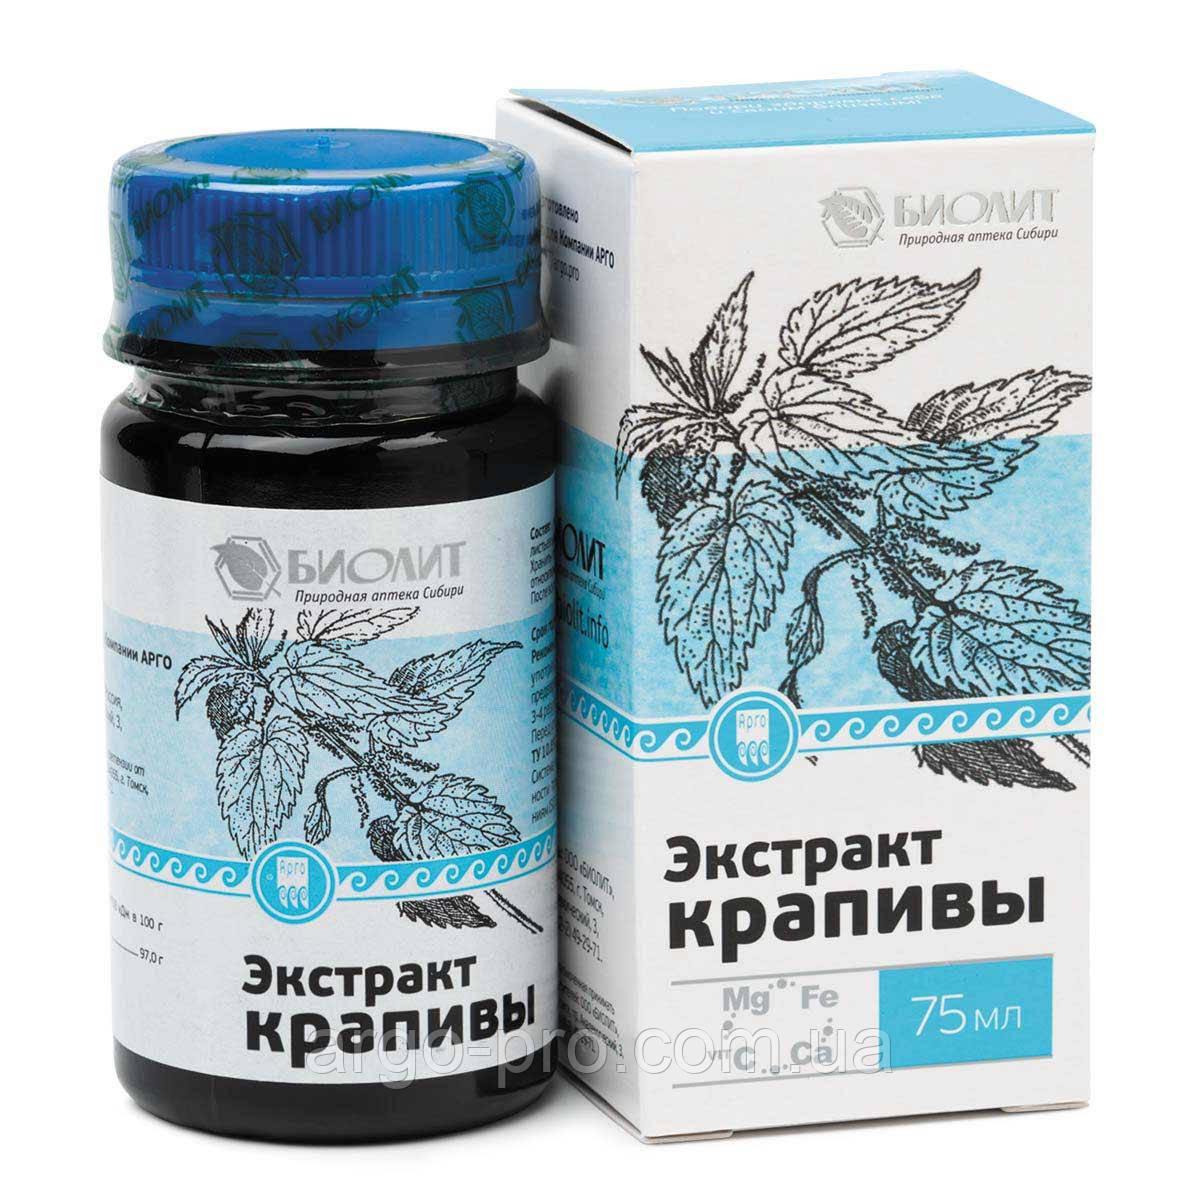 Экстракт крапивы Арго нарушение обмена веществ, бронхит, артрит, кожные заболевания, травмы, диабет